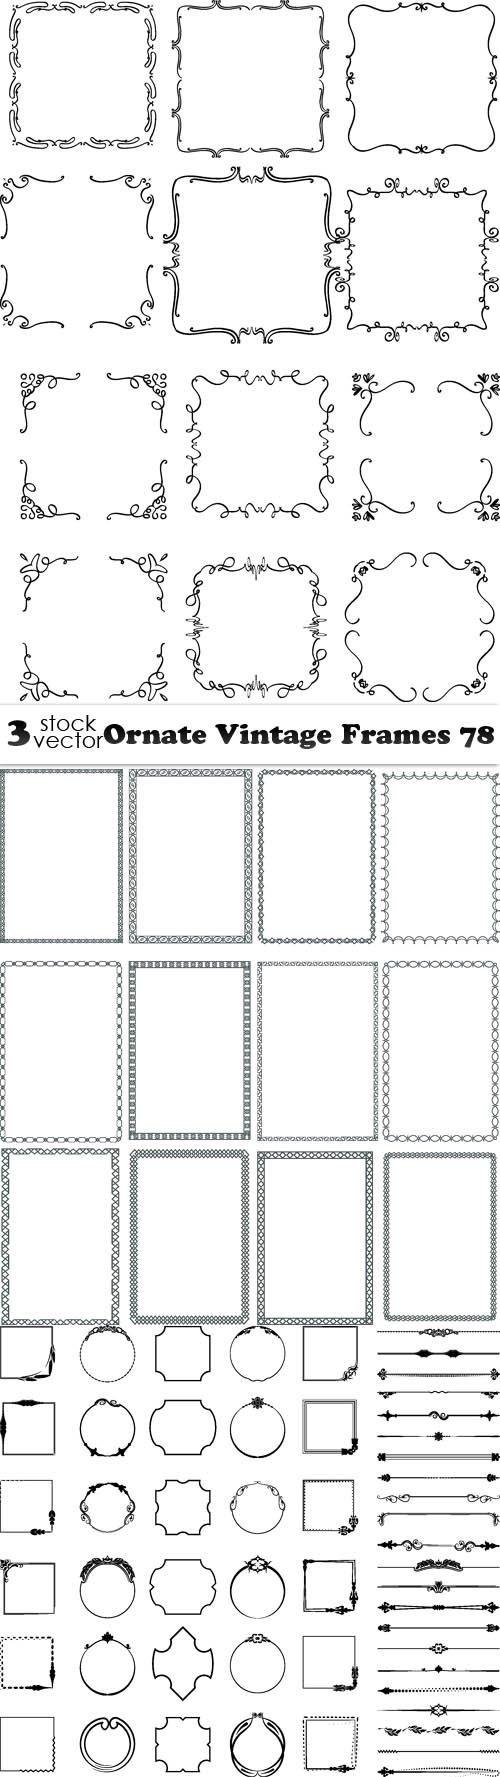 Vectors - Ornate Vintage Frames 78